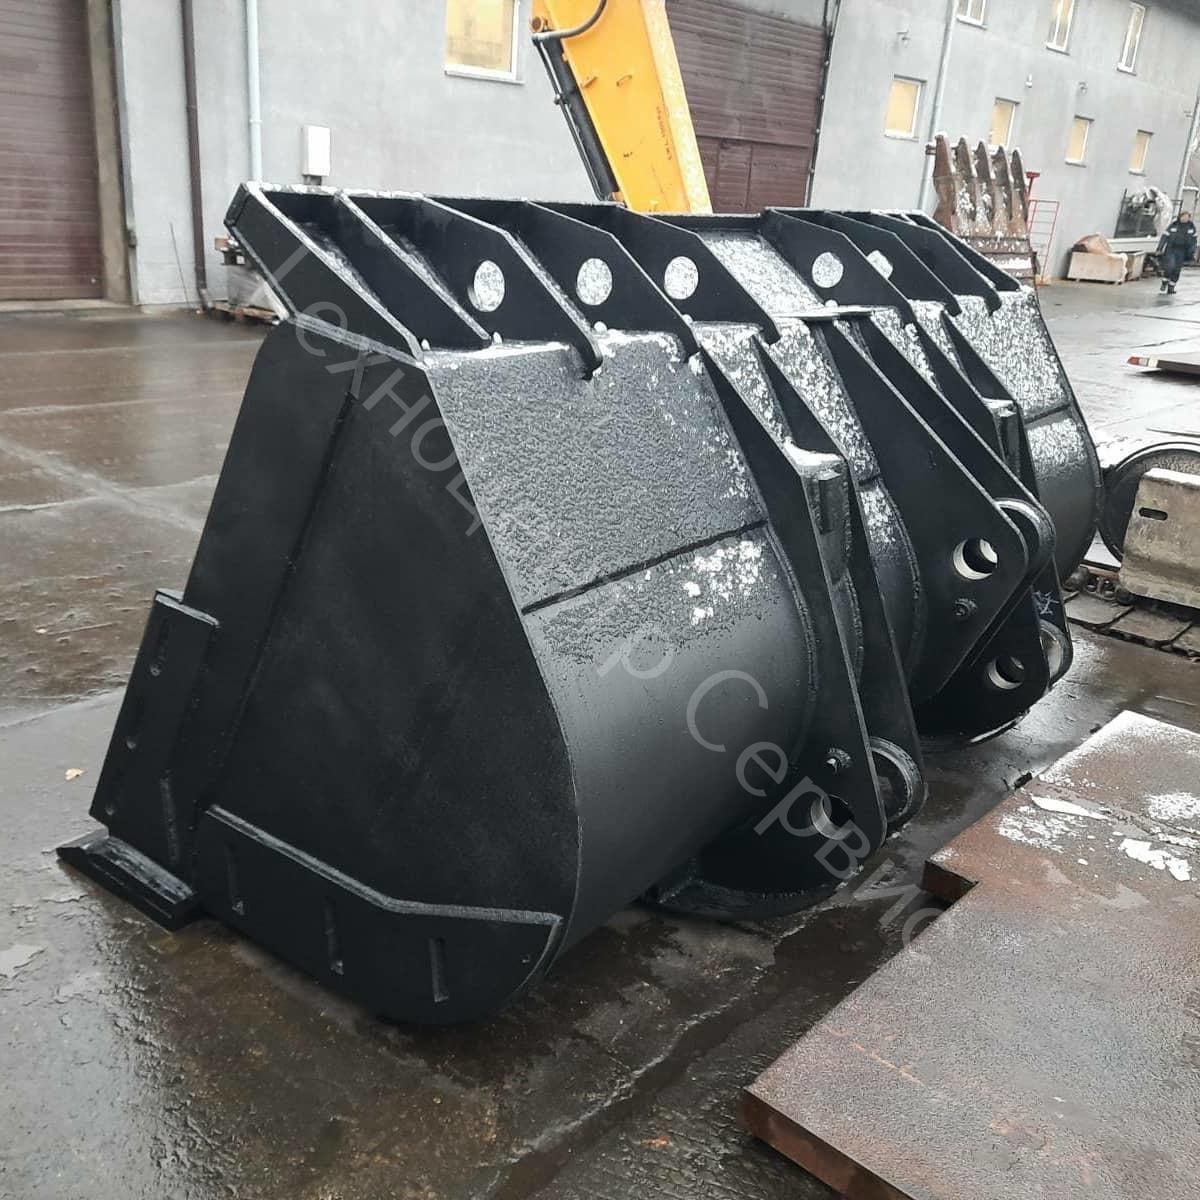 Ковш для фронтального погрузчика Hyundai SL763, объем - 3.2м³